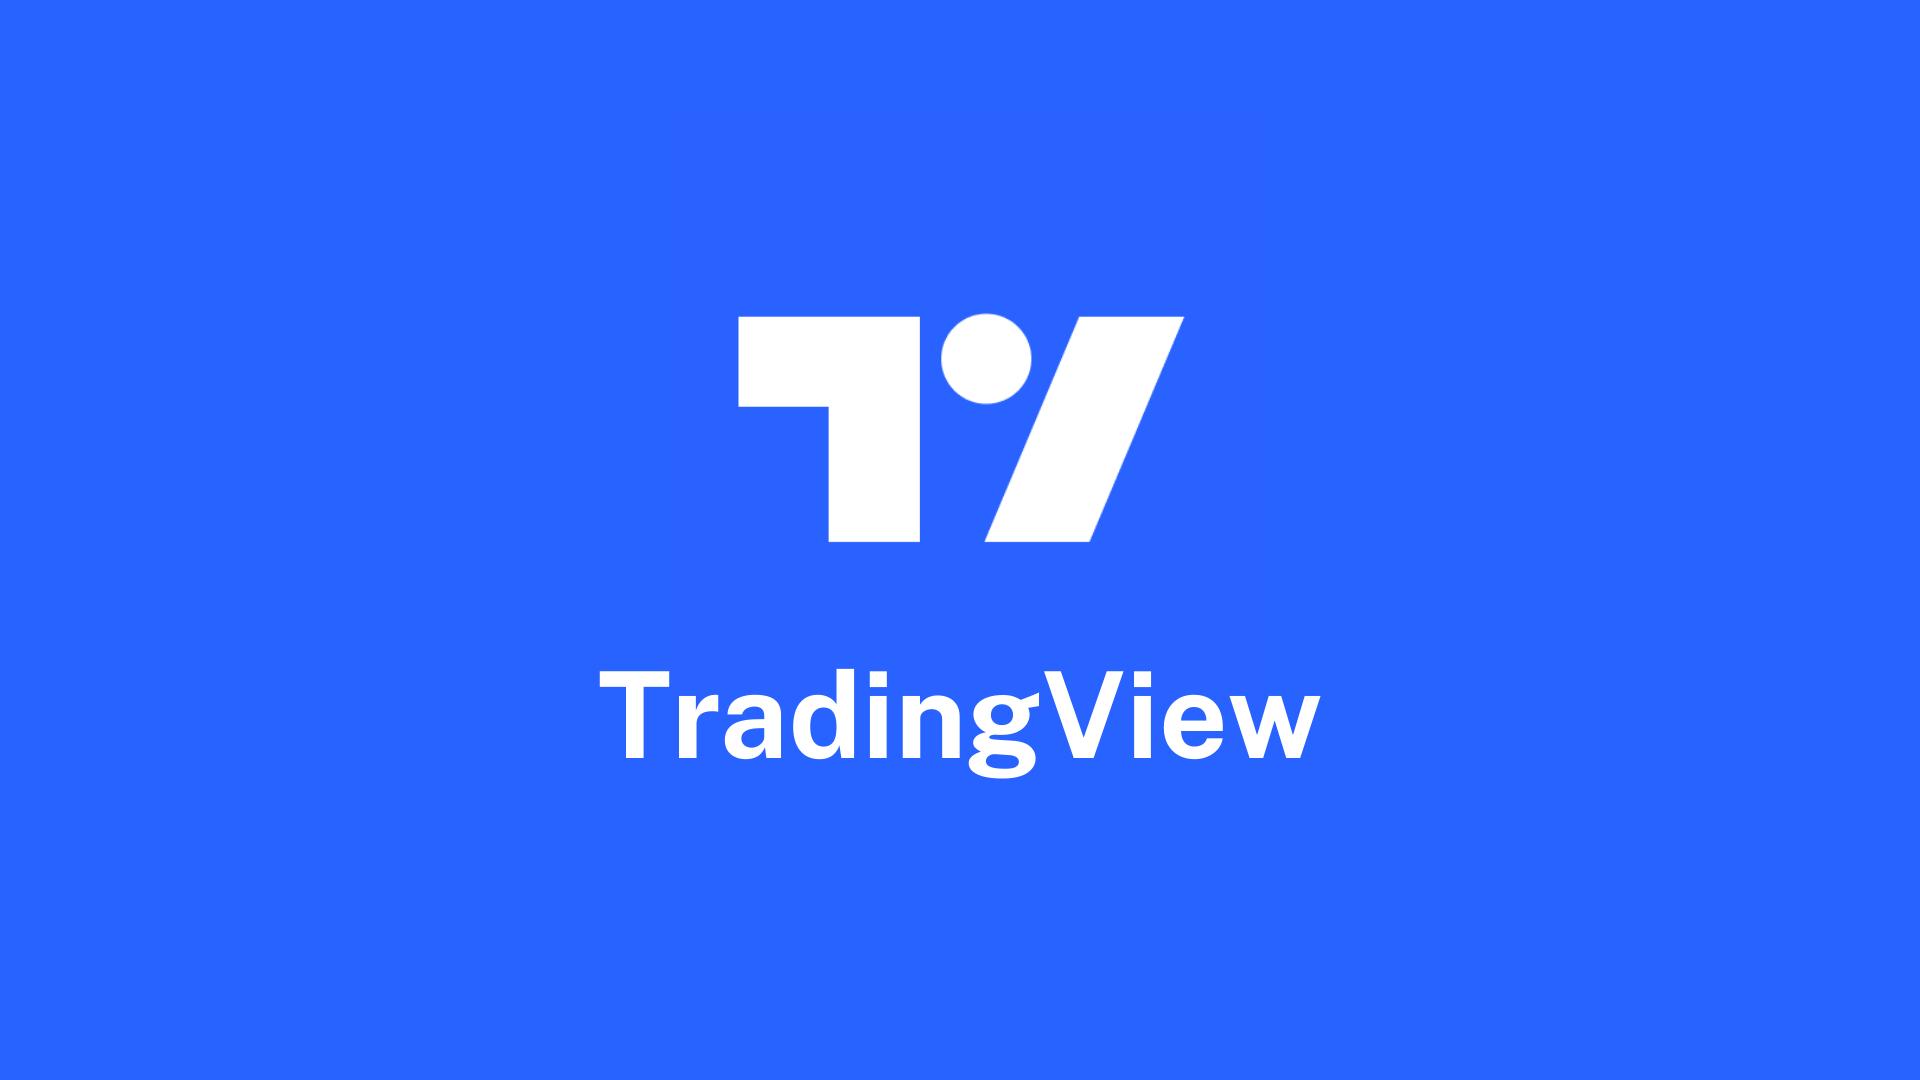 TradingView: Analistas preveem correção para todo o mercado de criptomoedas